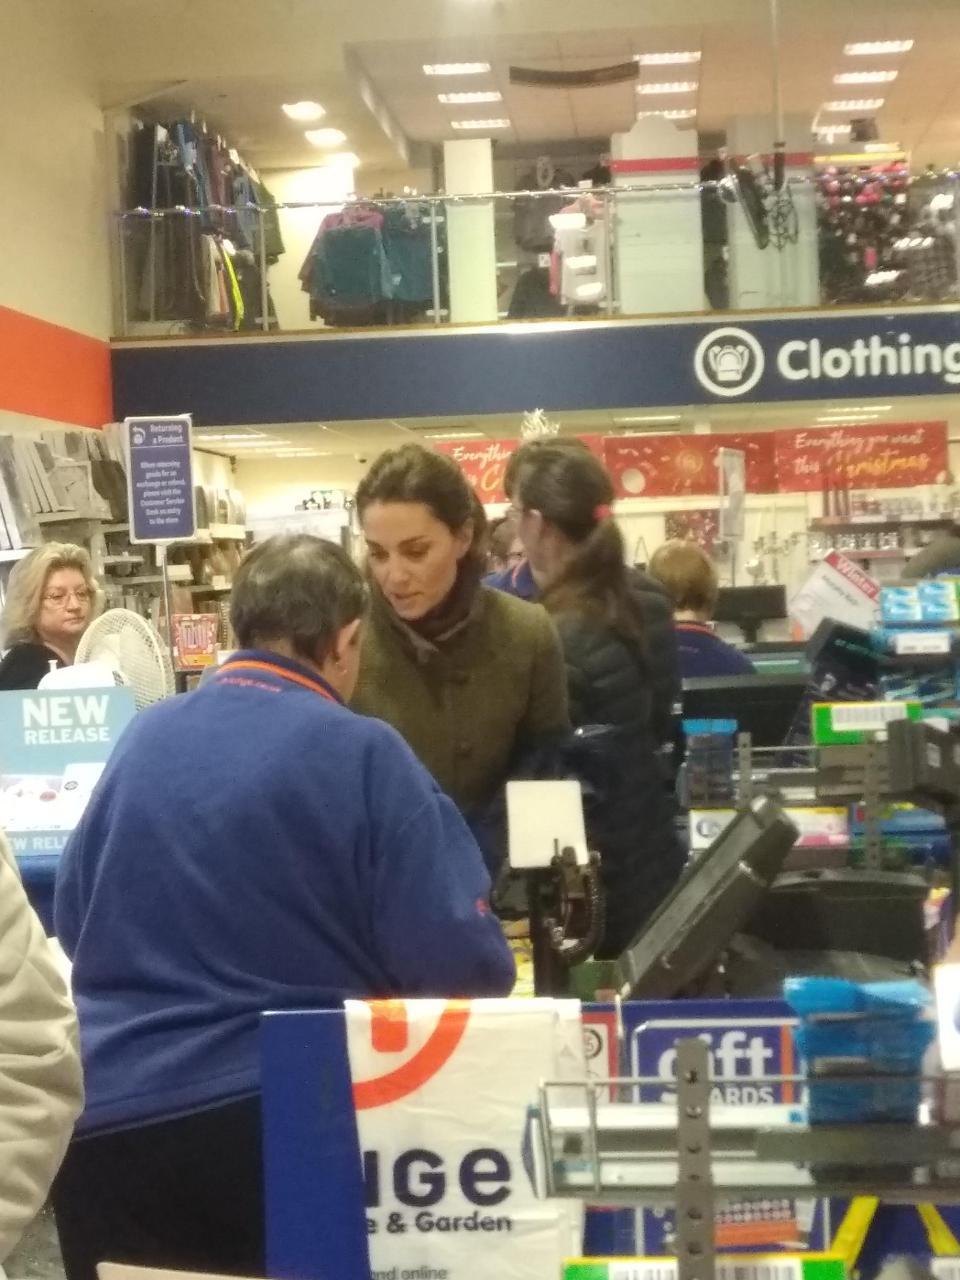 Công nương Kate ăn mặc giản dị, dắt tay hai con đi mua hàng giảm giá dịp Giáng sinh - Ảnh 1.